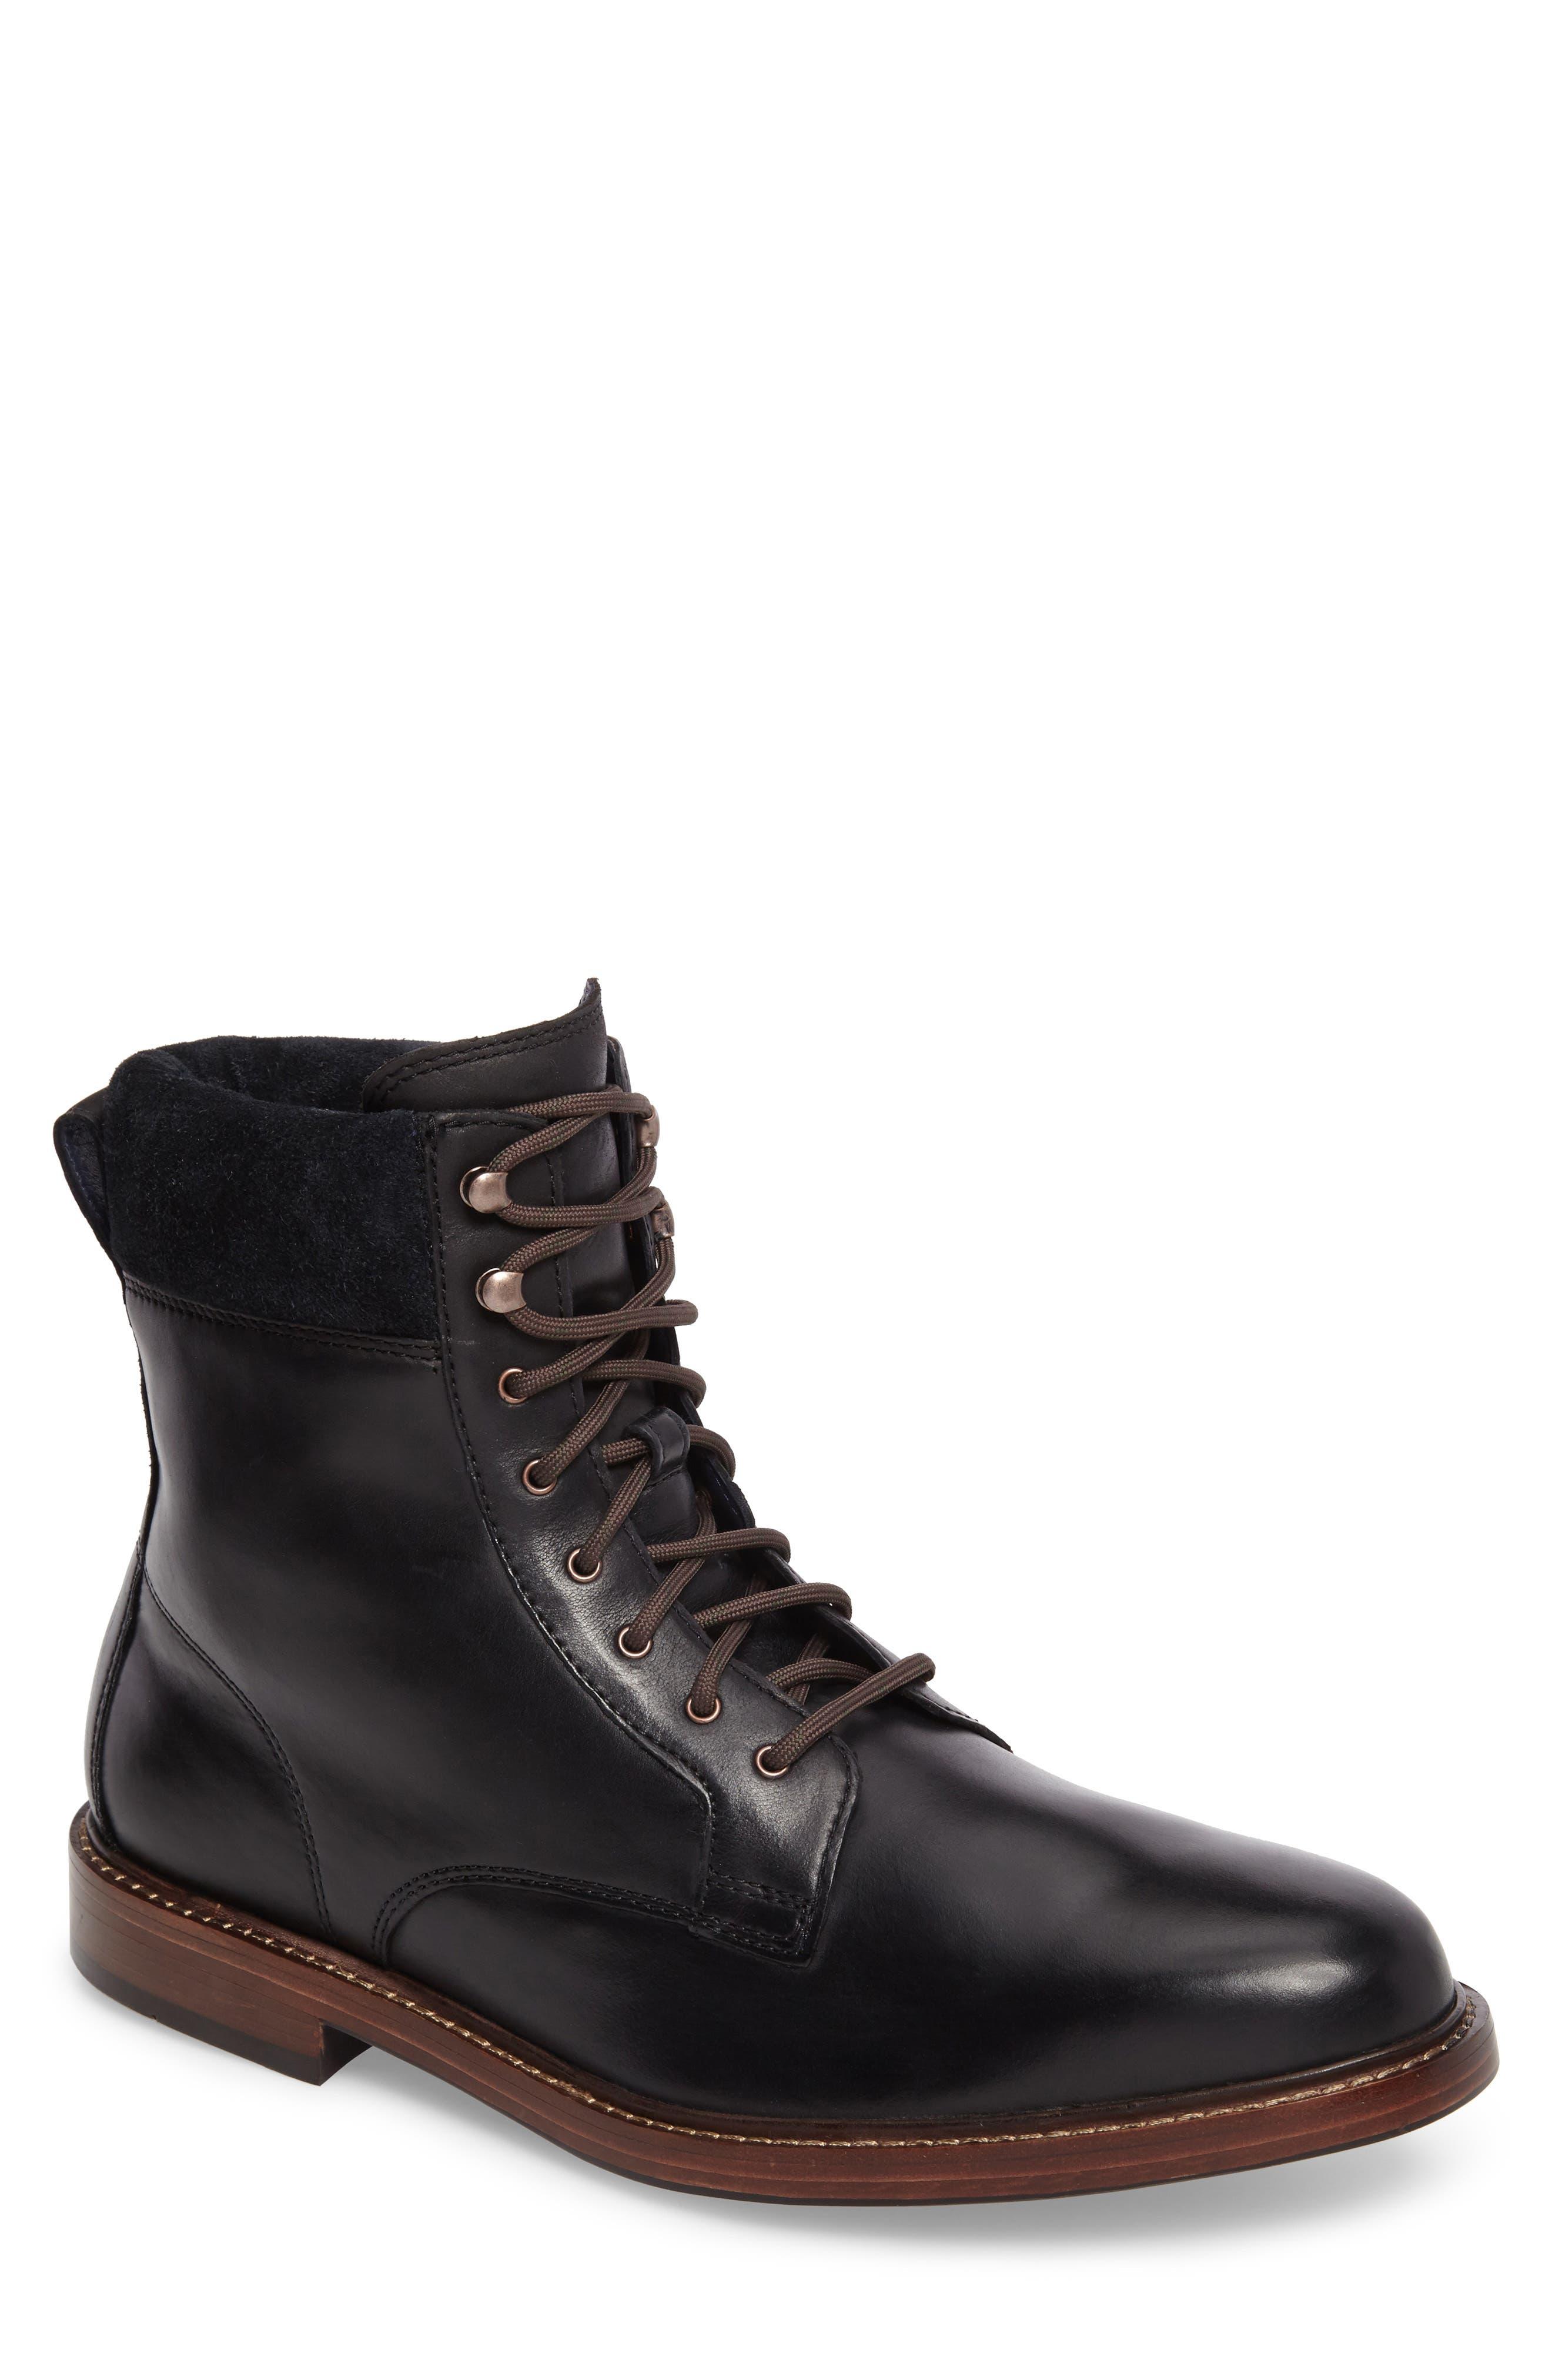 Alternate Image 1 Selected - Cole Haan Tyler Grand Waterproof Boot (Men)